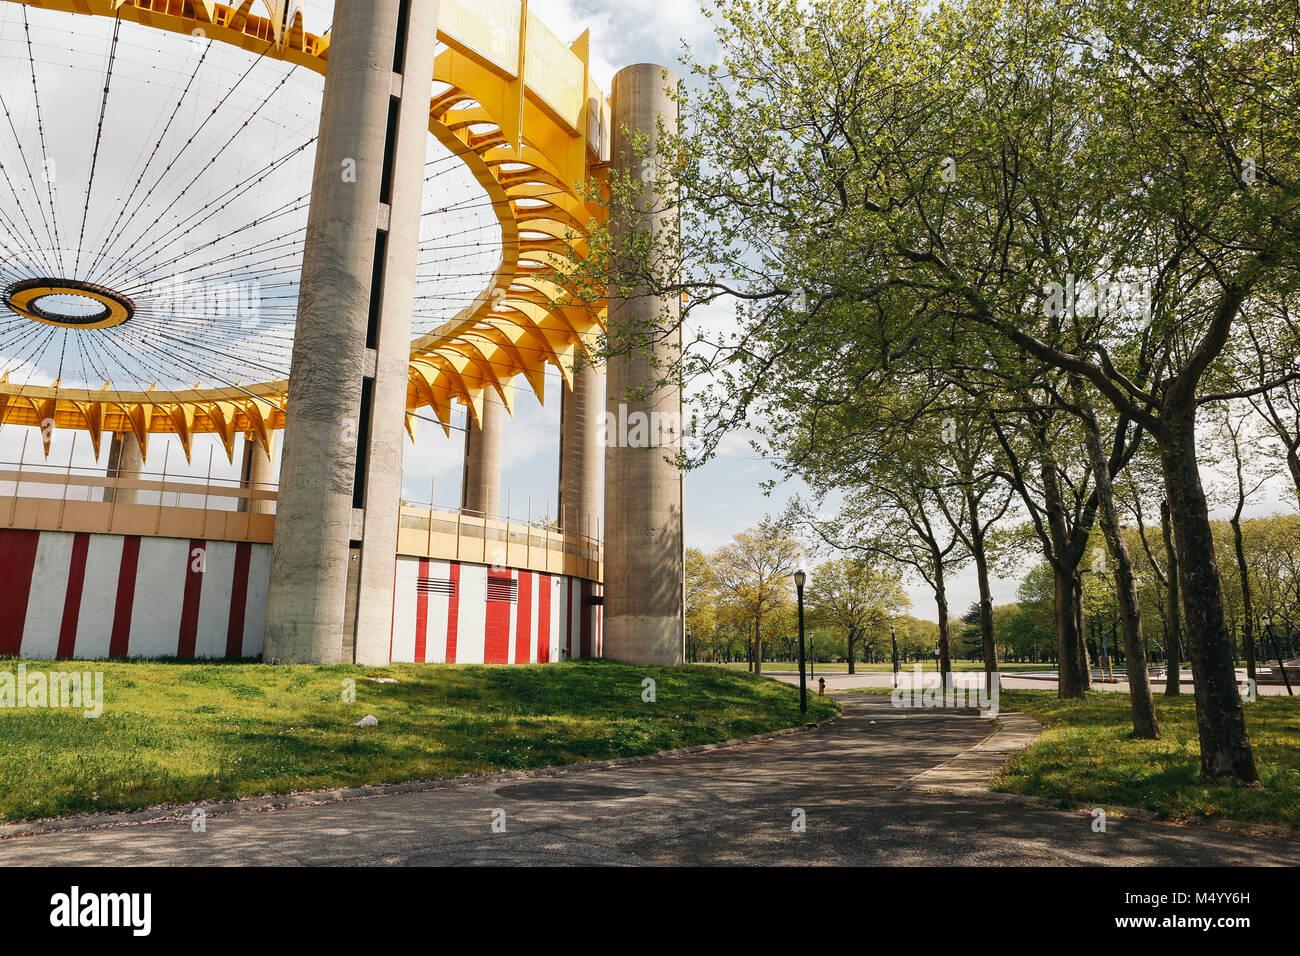 Mundos Pabellón Ferial de Flushing Meadow Corona Park en Queens, Nueva York, EE.UU. Foto de stock